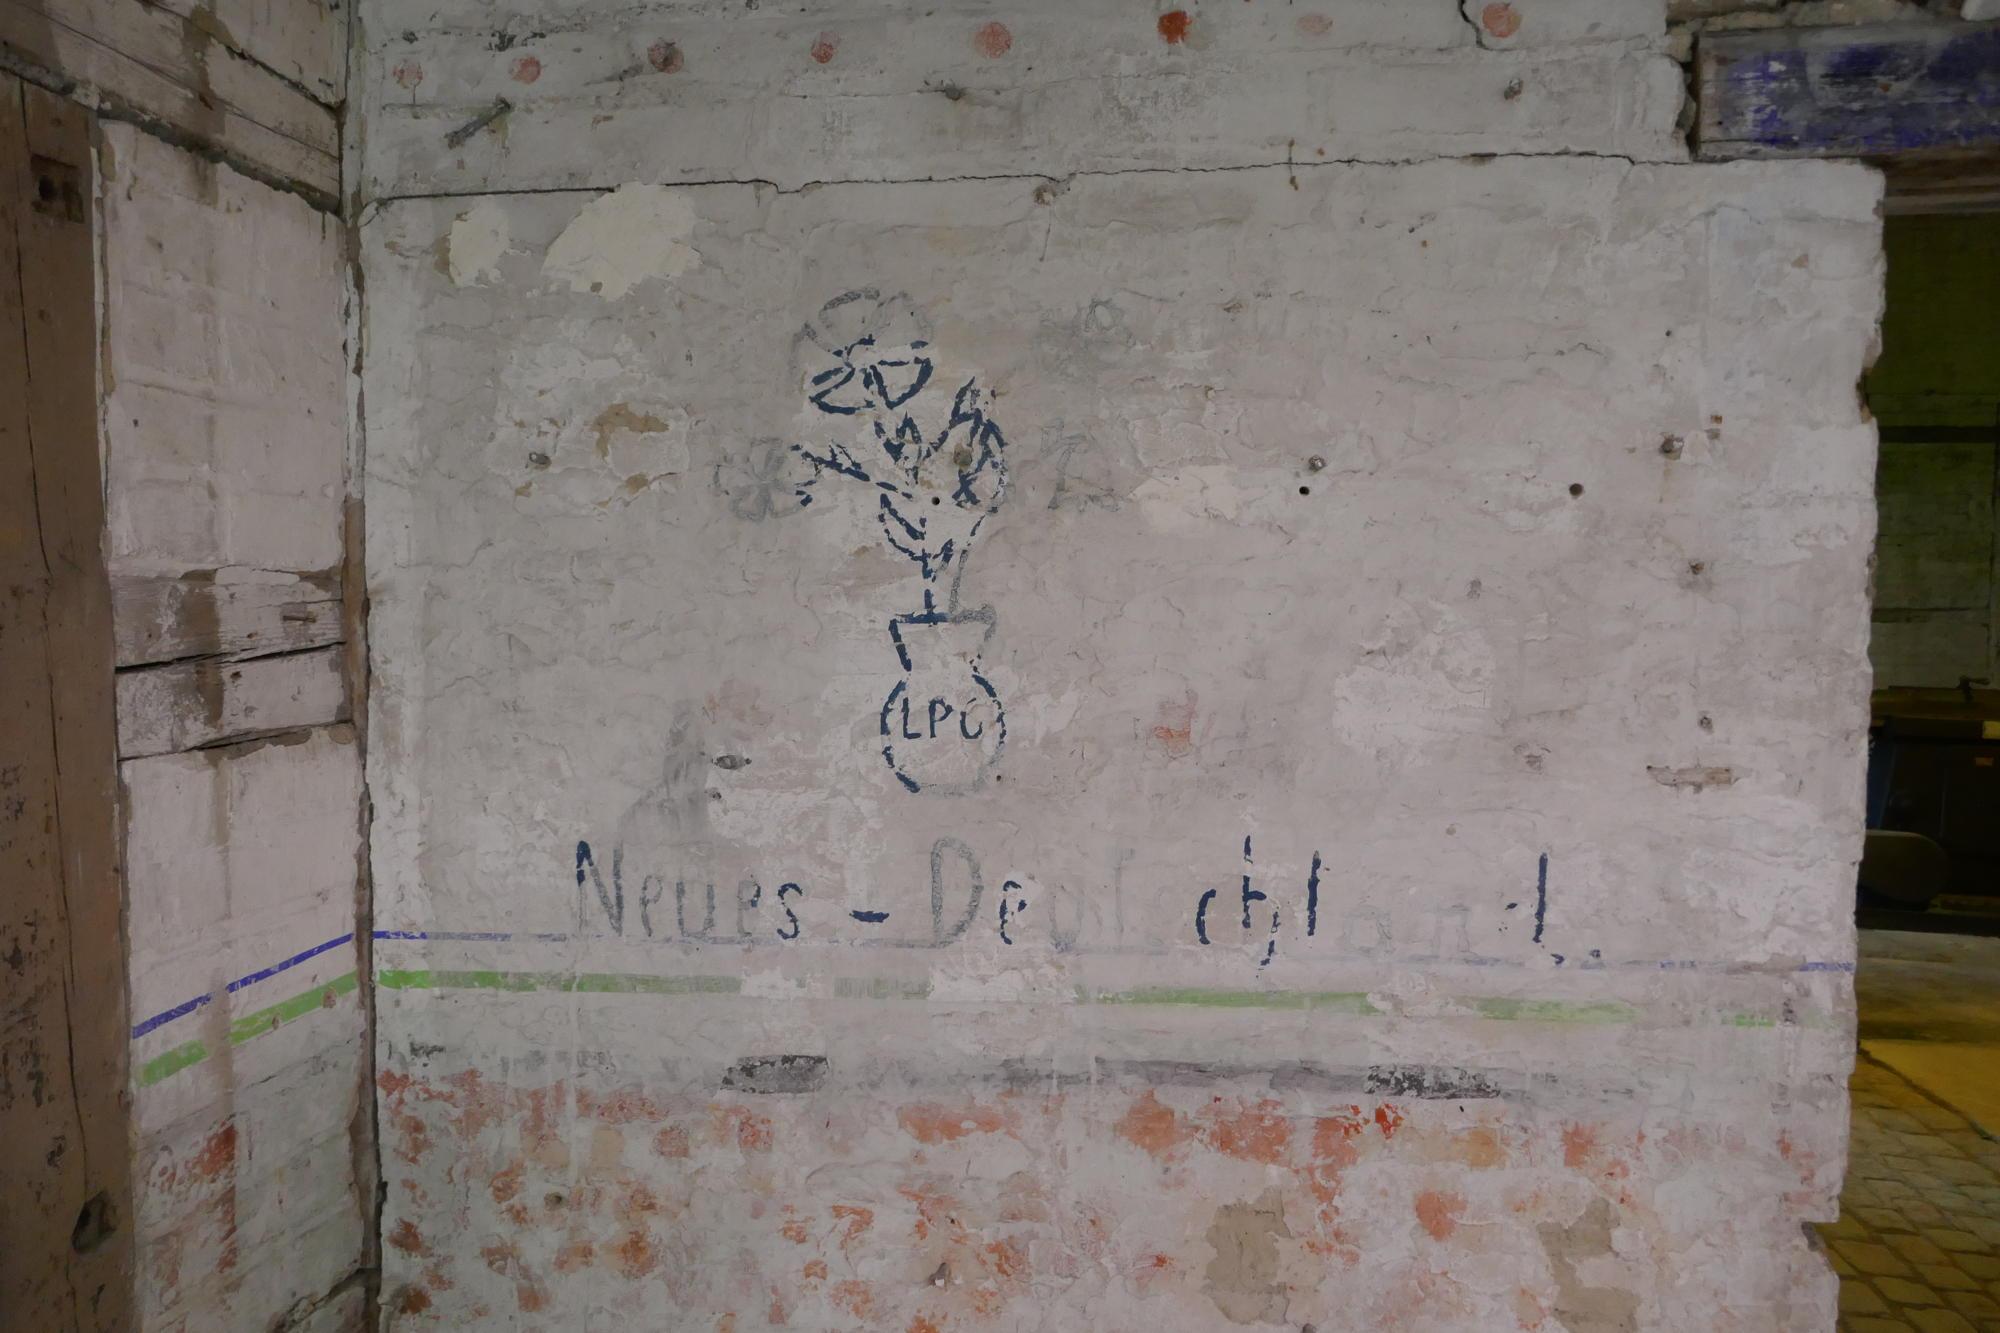 Gedenkstätte Laura Grafitti aus LPG-Zeiten2.jpg